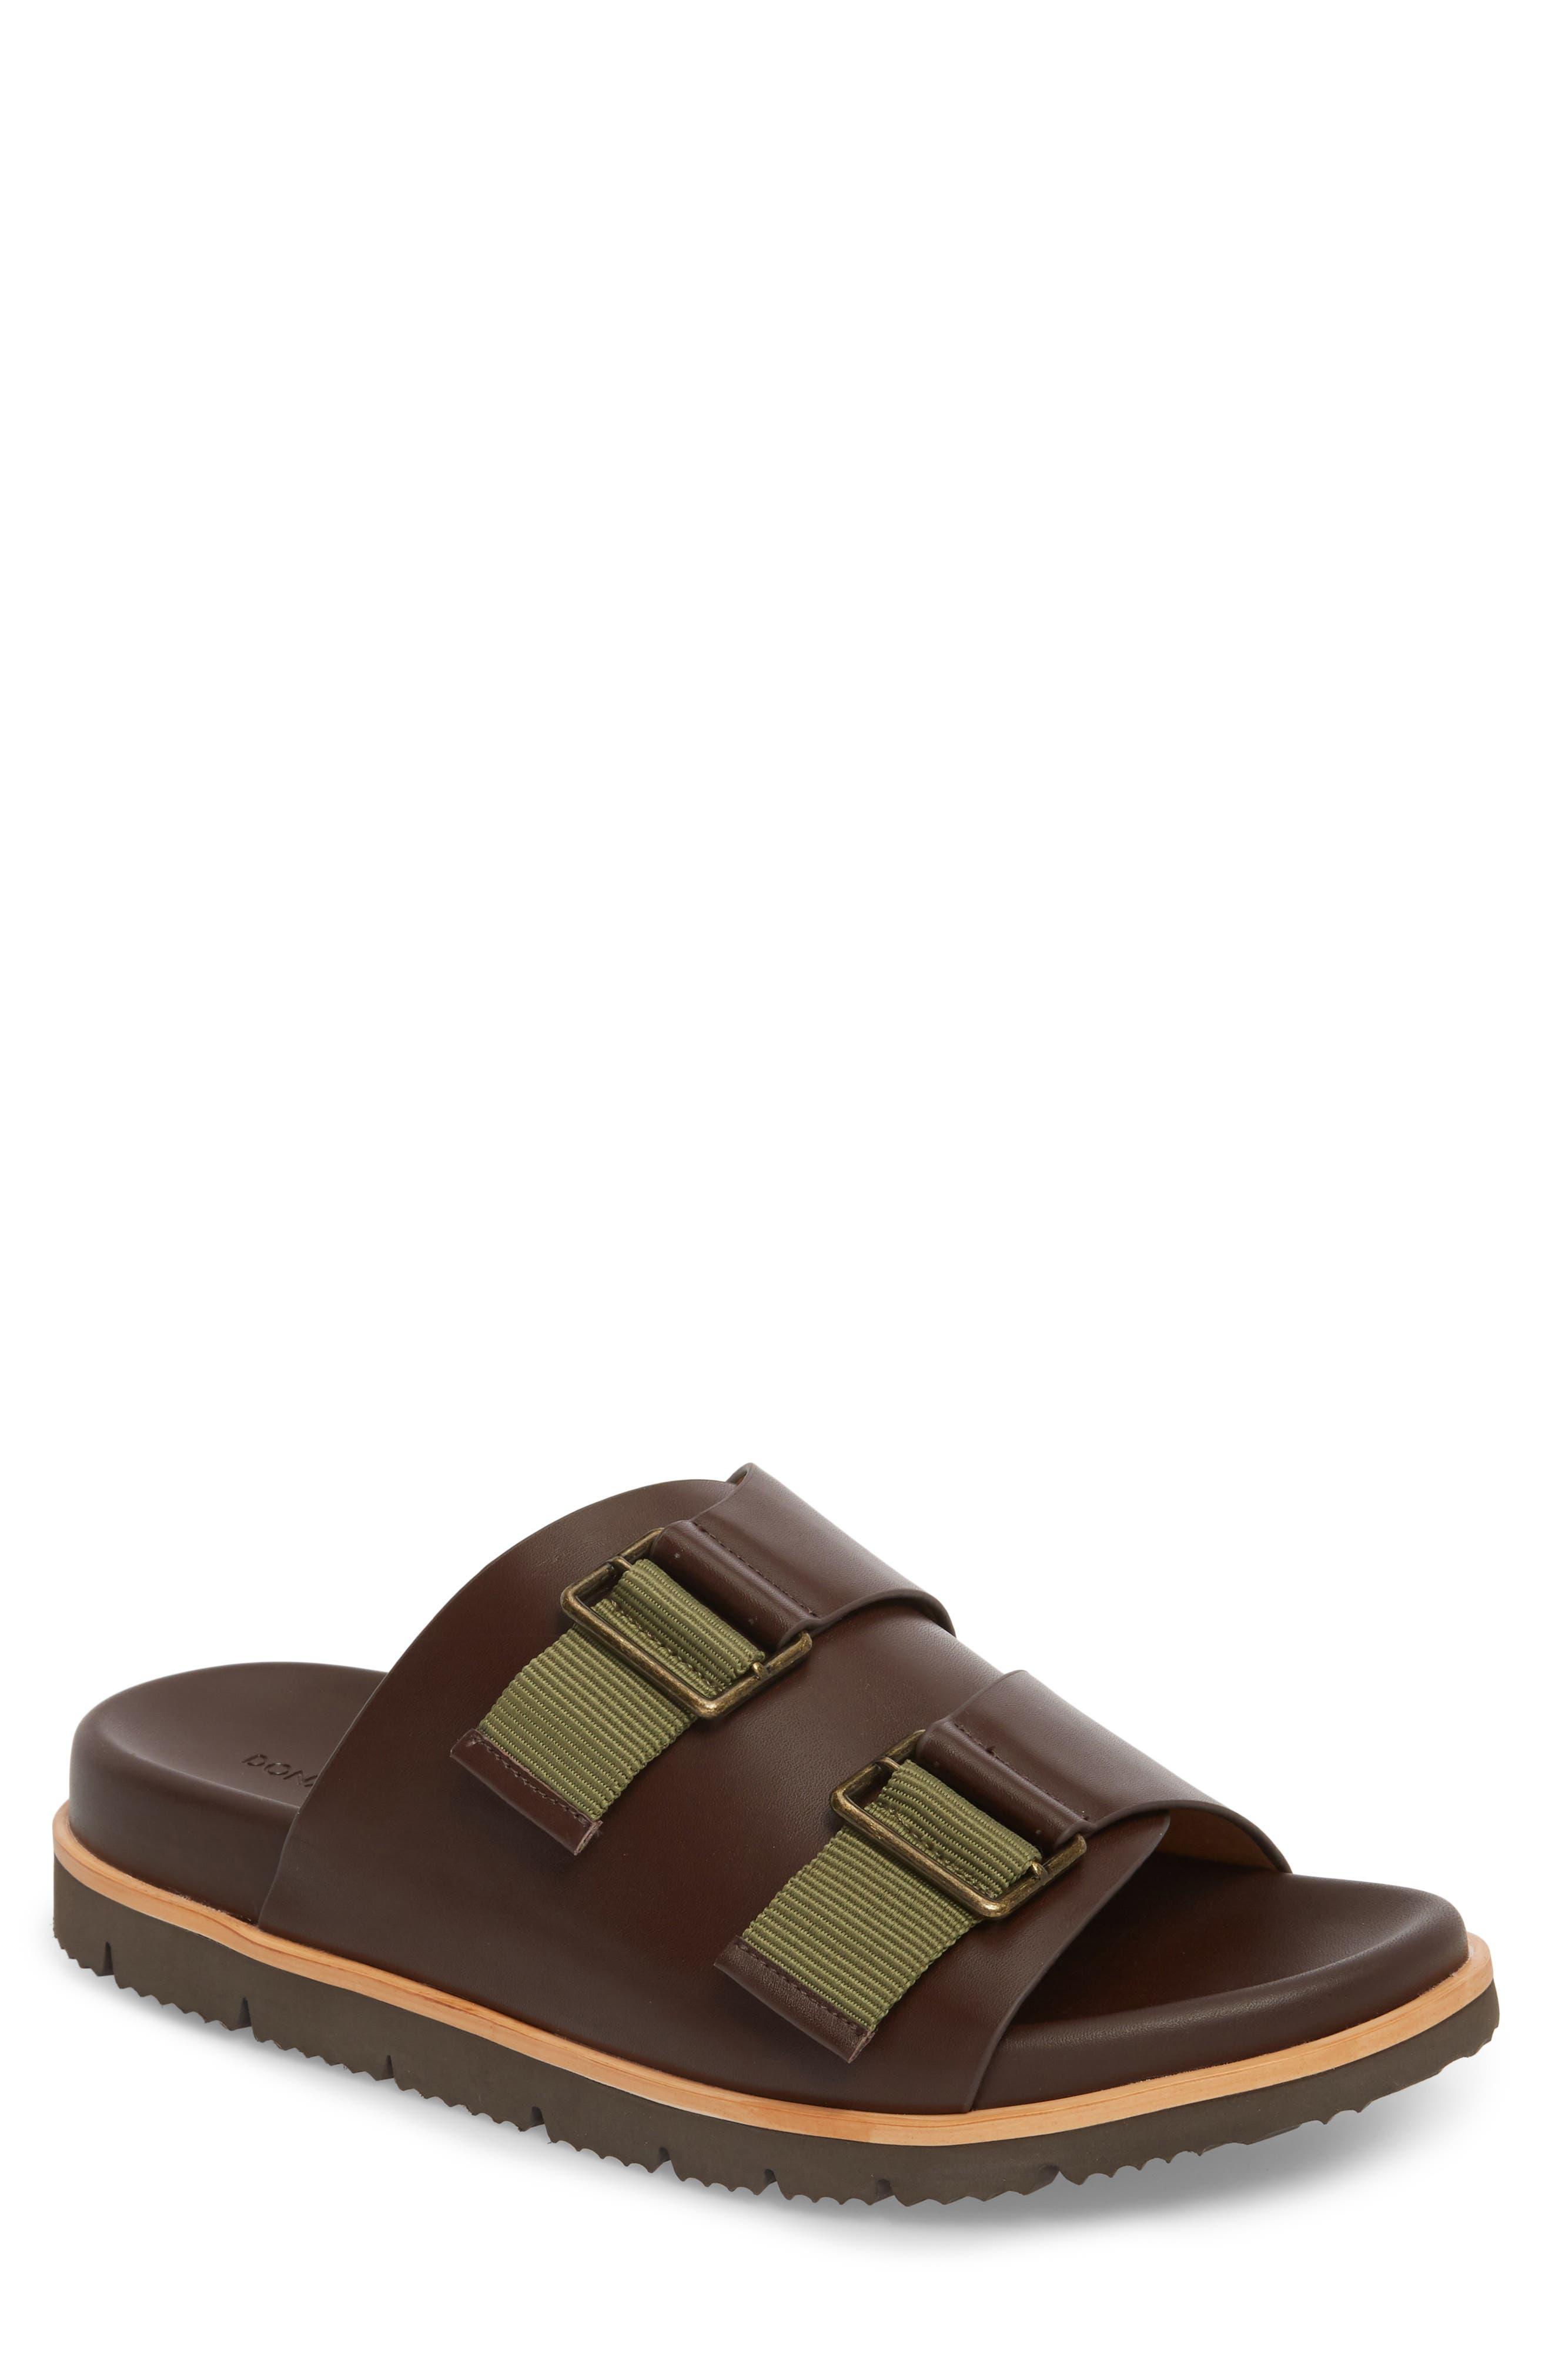 Slide Sandal,                         Main,                         color, Expresso/ Tan Leather